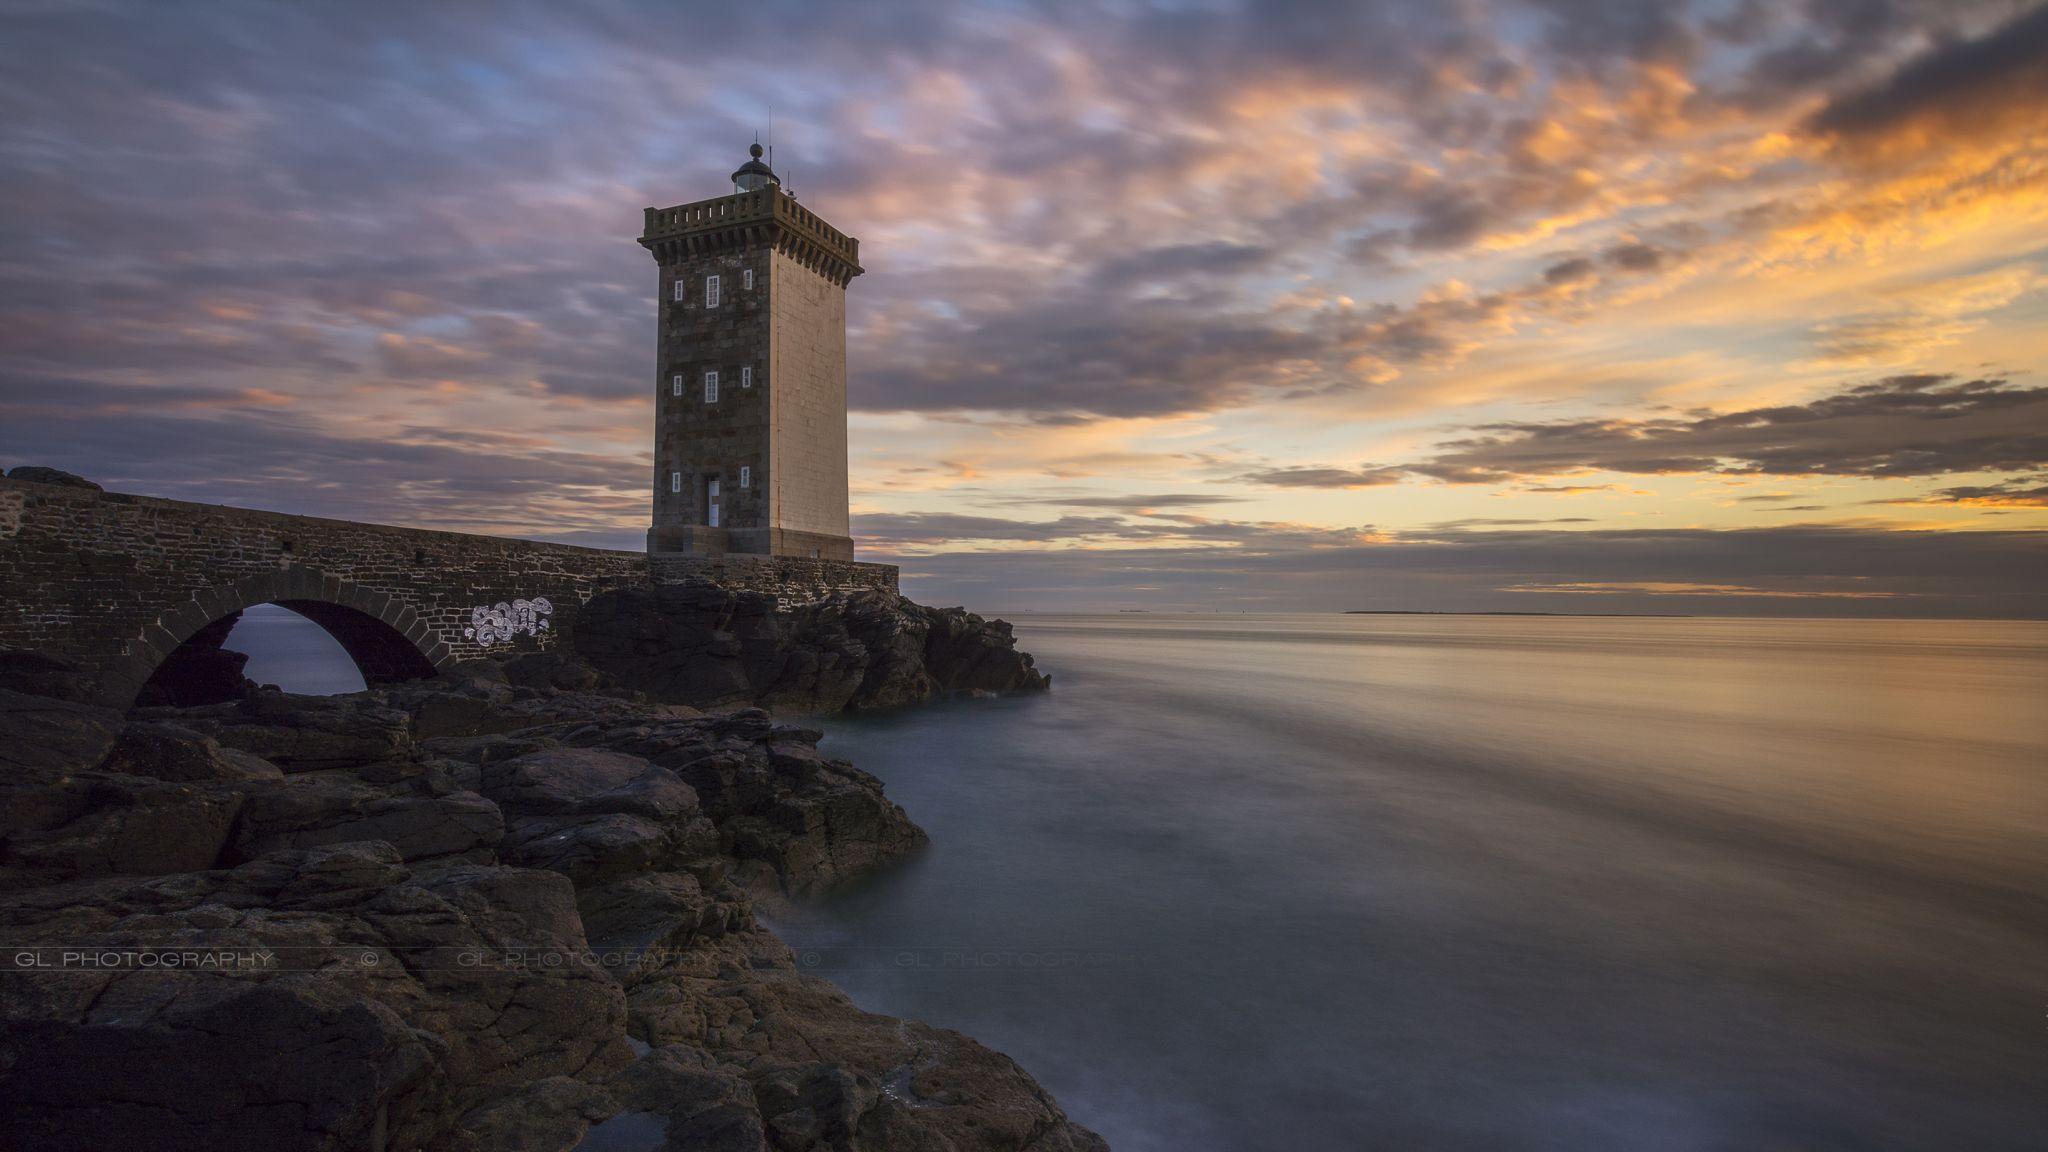 Phare de Kermorvan (lighthouse), France